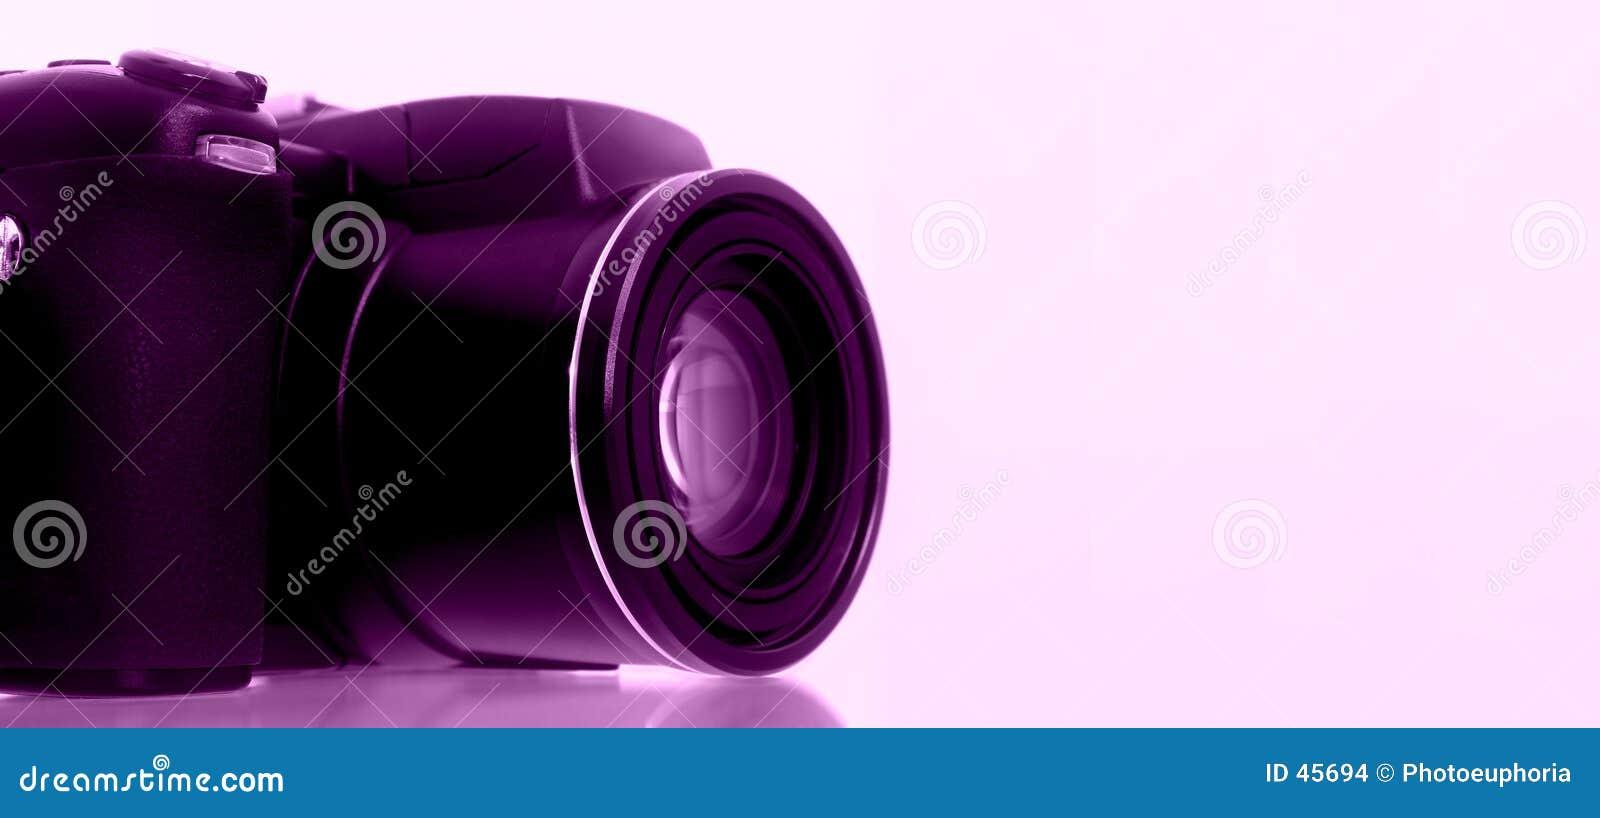 Digitalkamera mit Trauben-Hintergrund